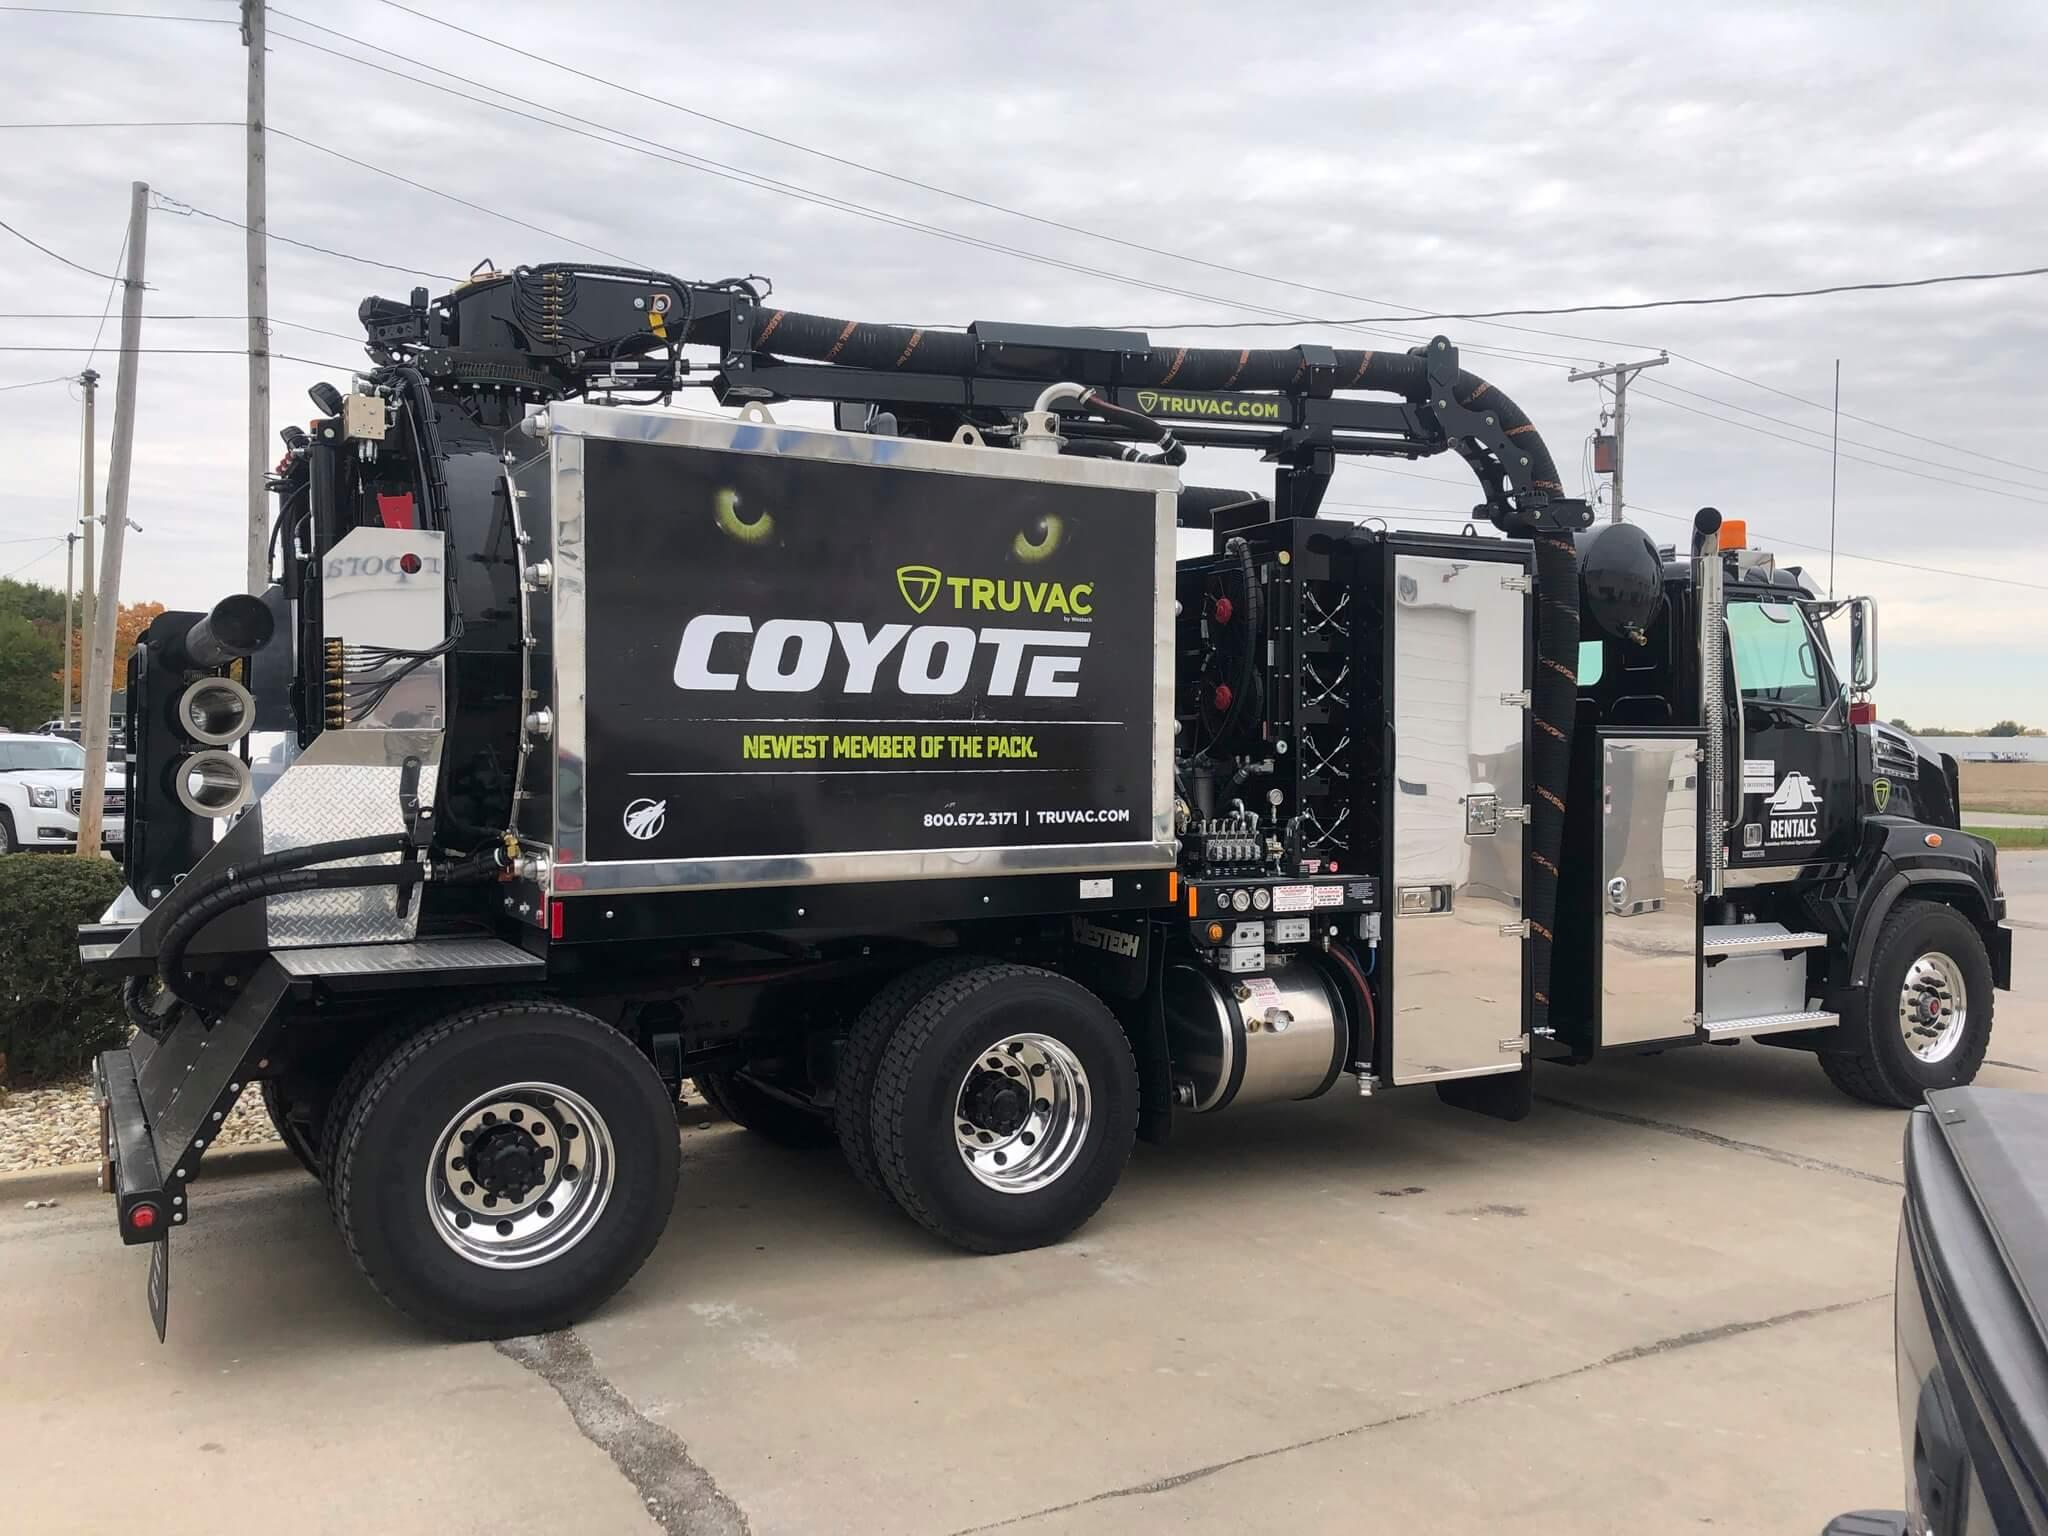 Coyote-02